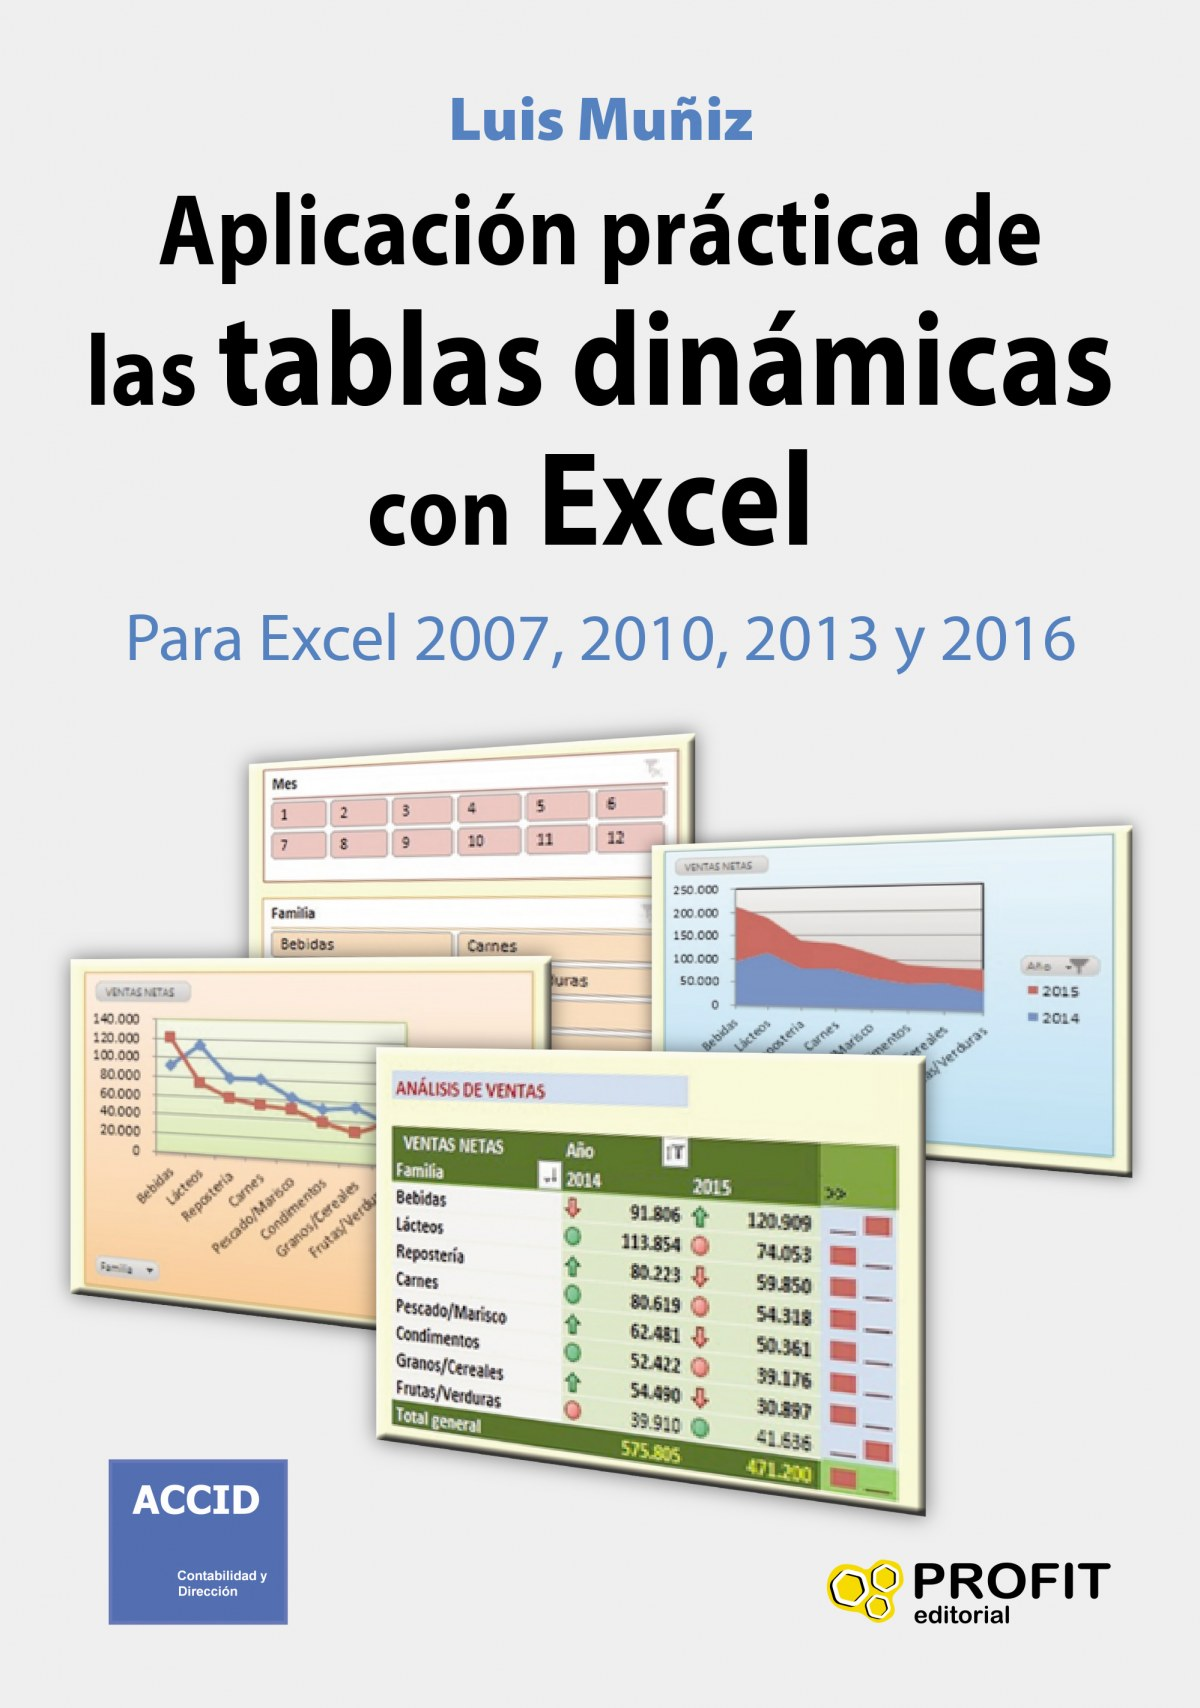 Aplicación práctica de las tablas dinámicas con Excel. 9788416115969